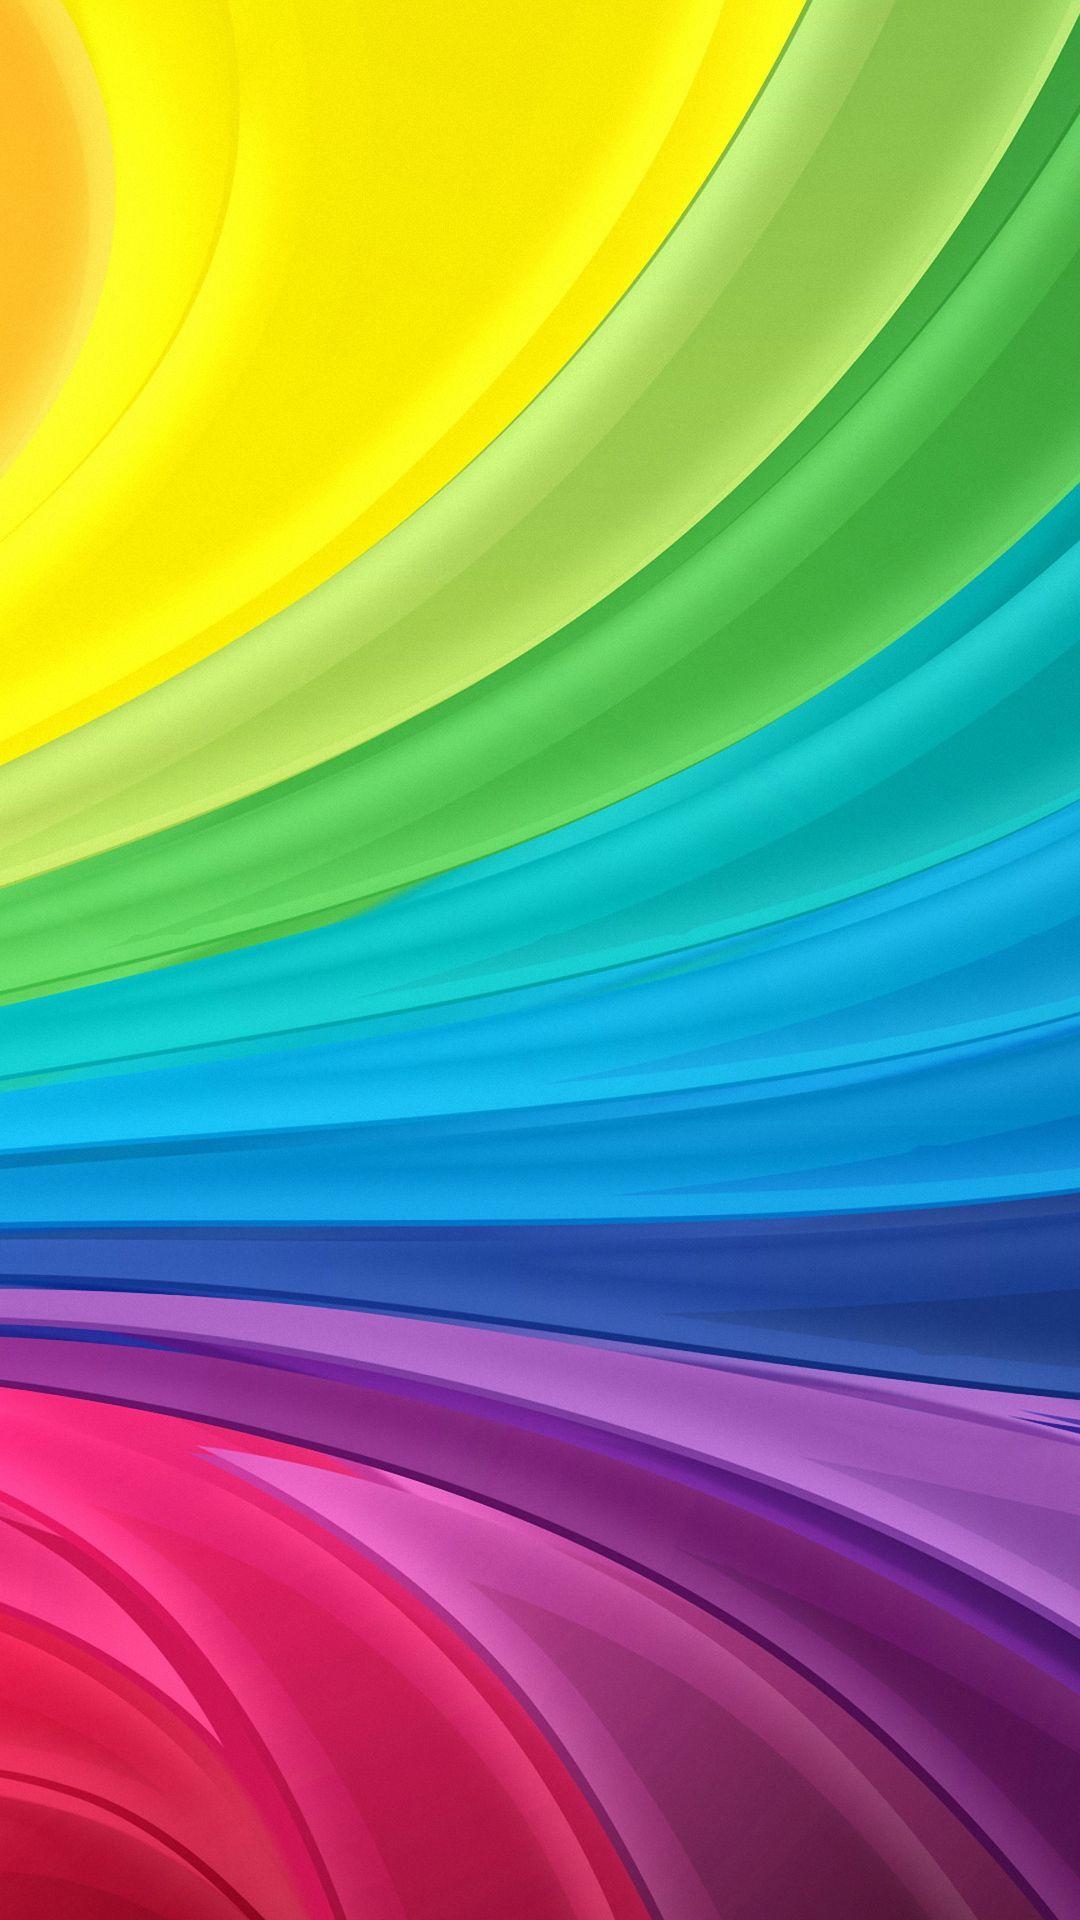 Samsung Galaxy A7 Hd Wallpaper Free Download 1080x1920 Download Hd Wallpaper Wallpapertip